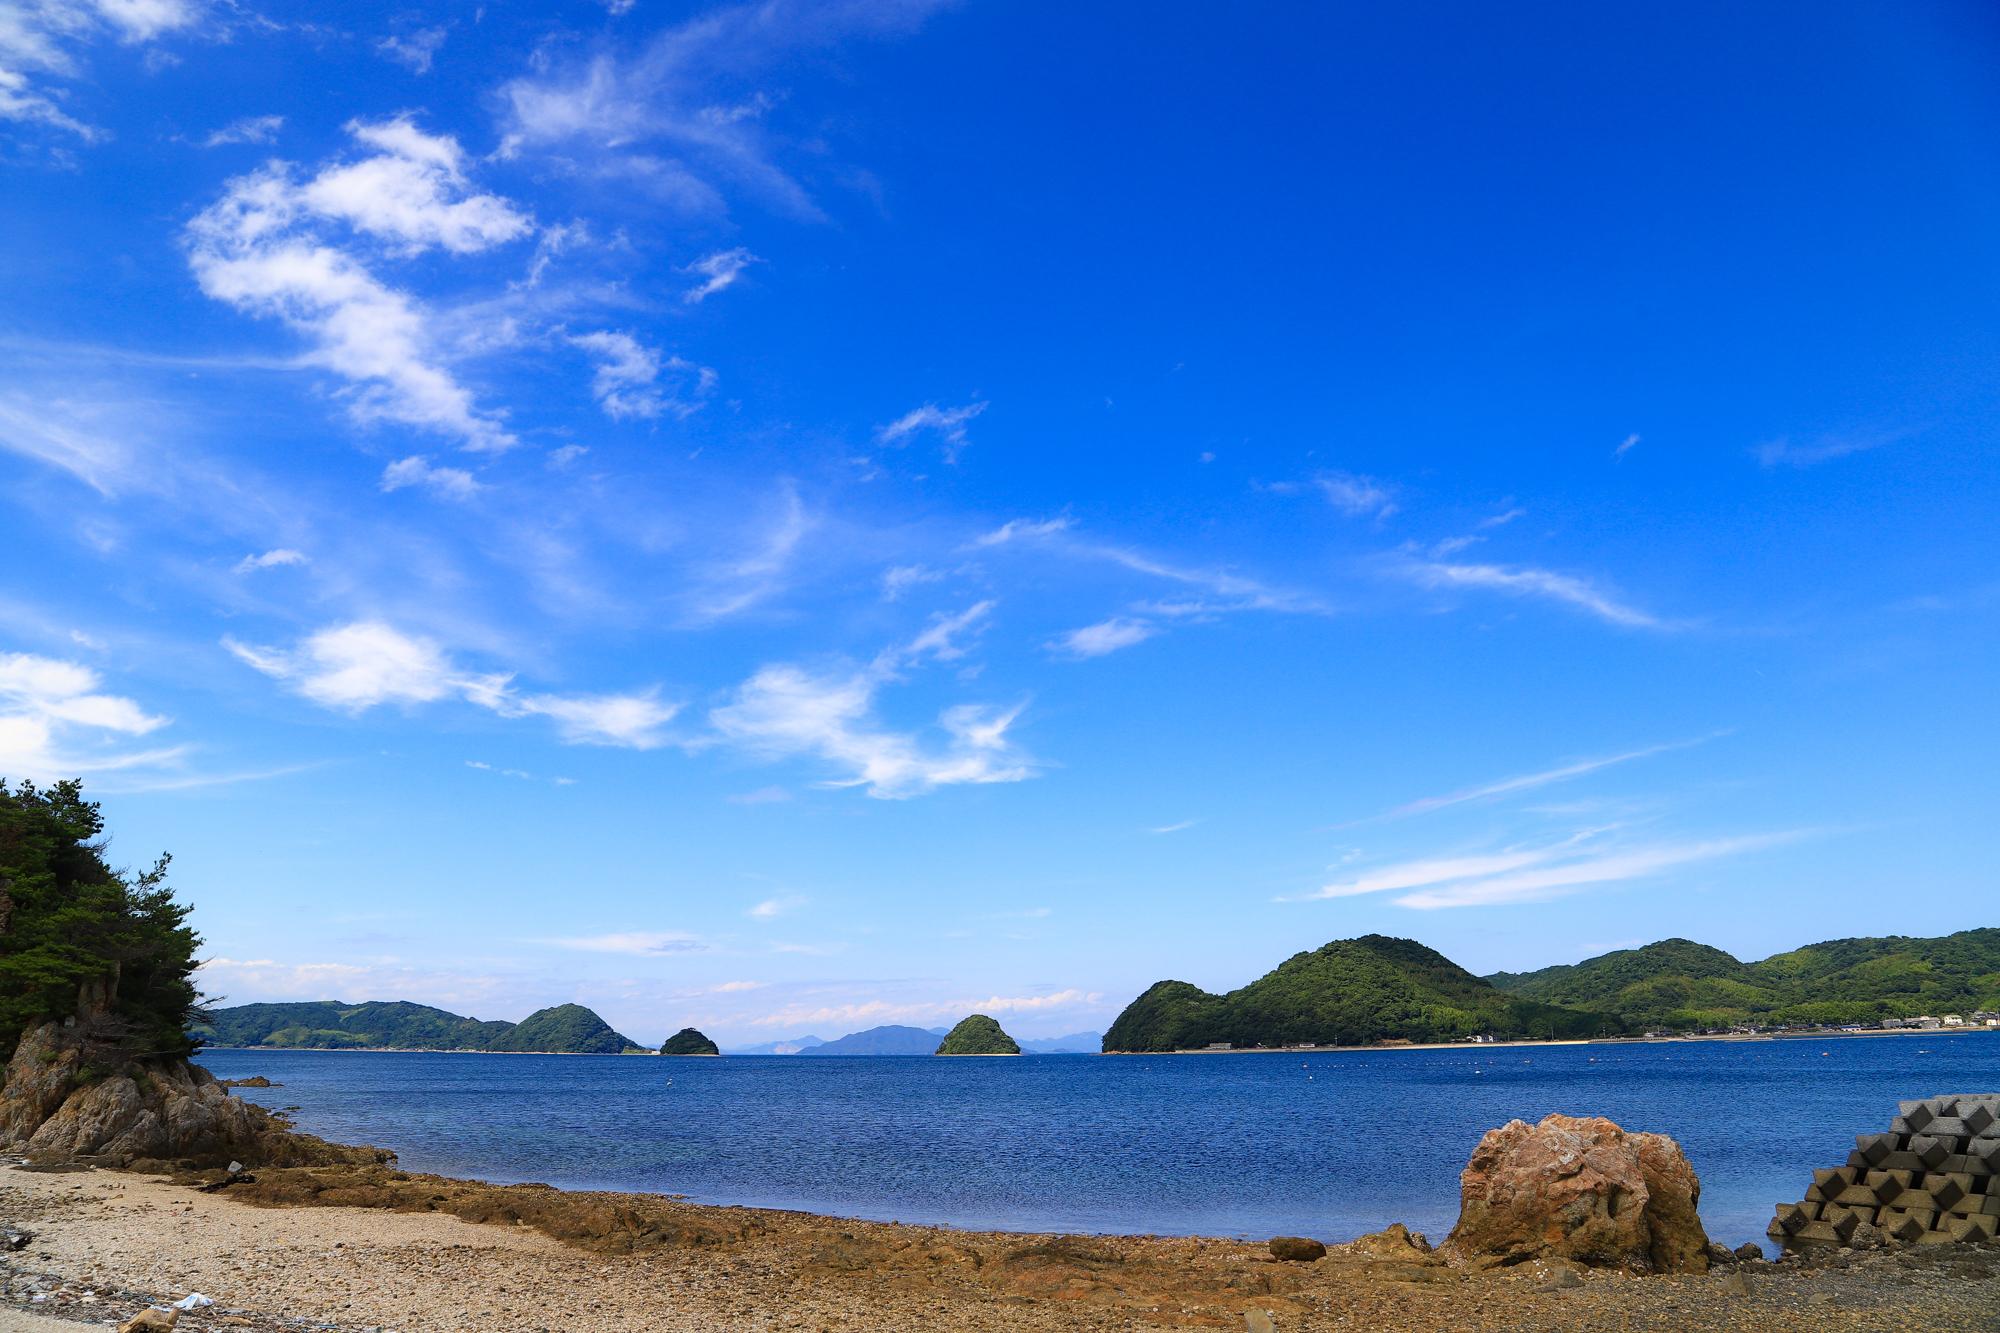 ooshima-6.jpg